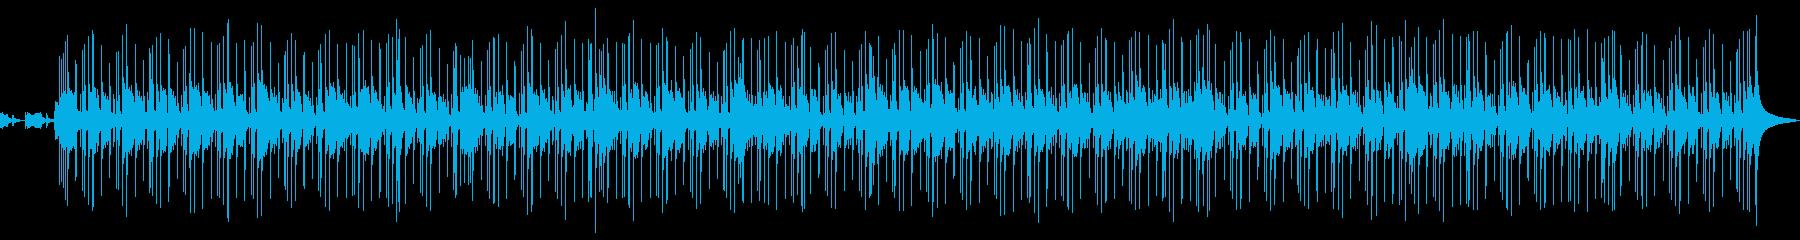 法人 センチメンタル 感情的 ad...の再生済みの波形